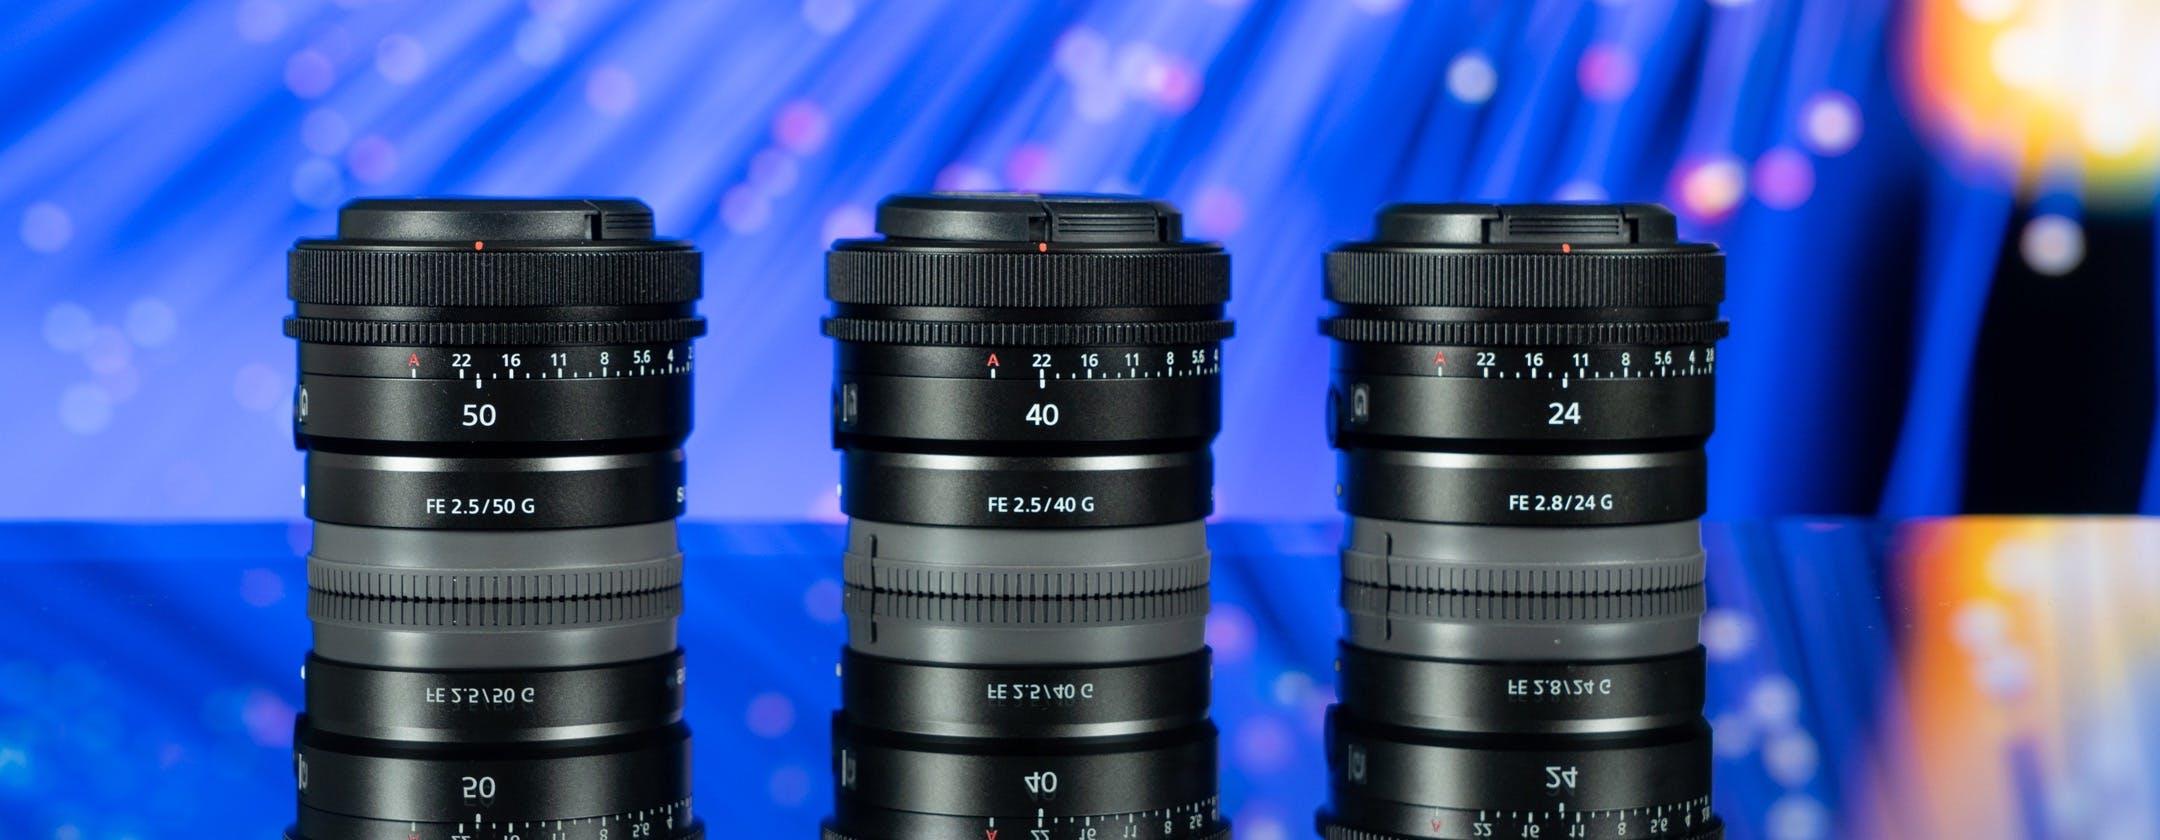 Sony G ultra-compatte a focale fissa, ecco i nuovi 24mm, 40mm e 50mm. Caratteristiche, prezzi e le prime foto